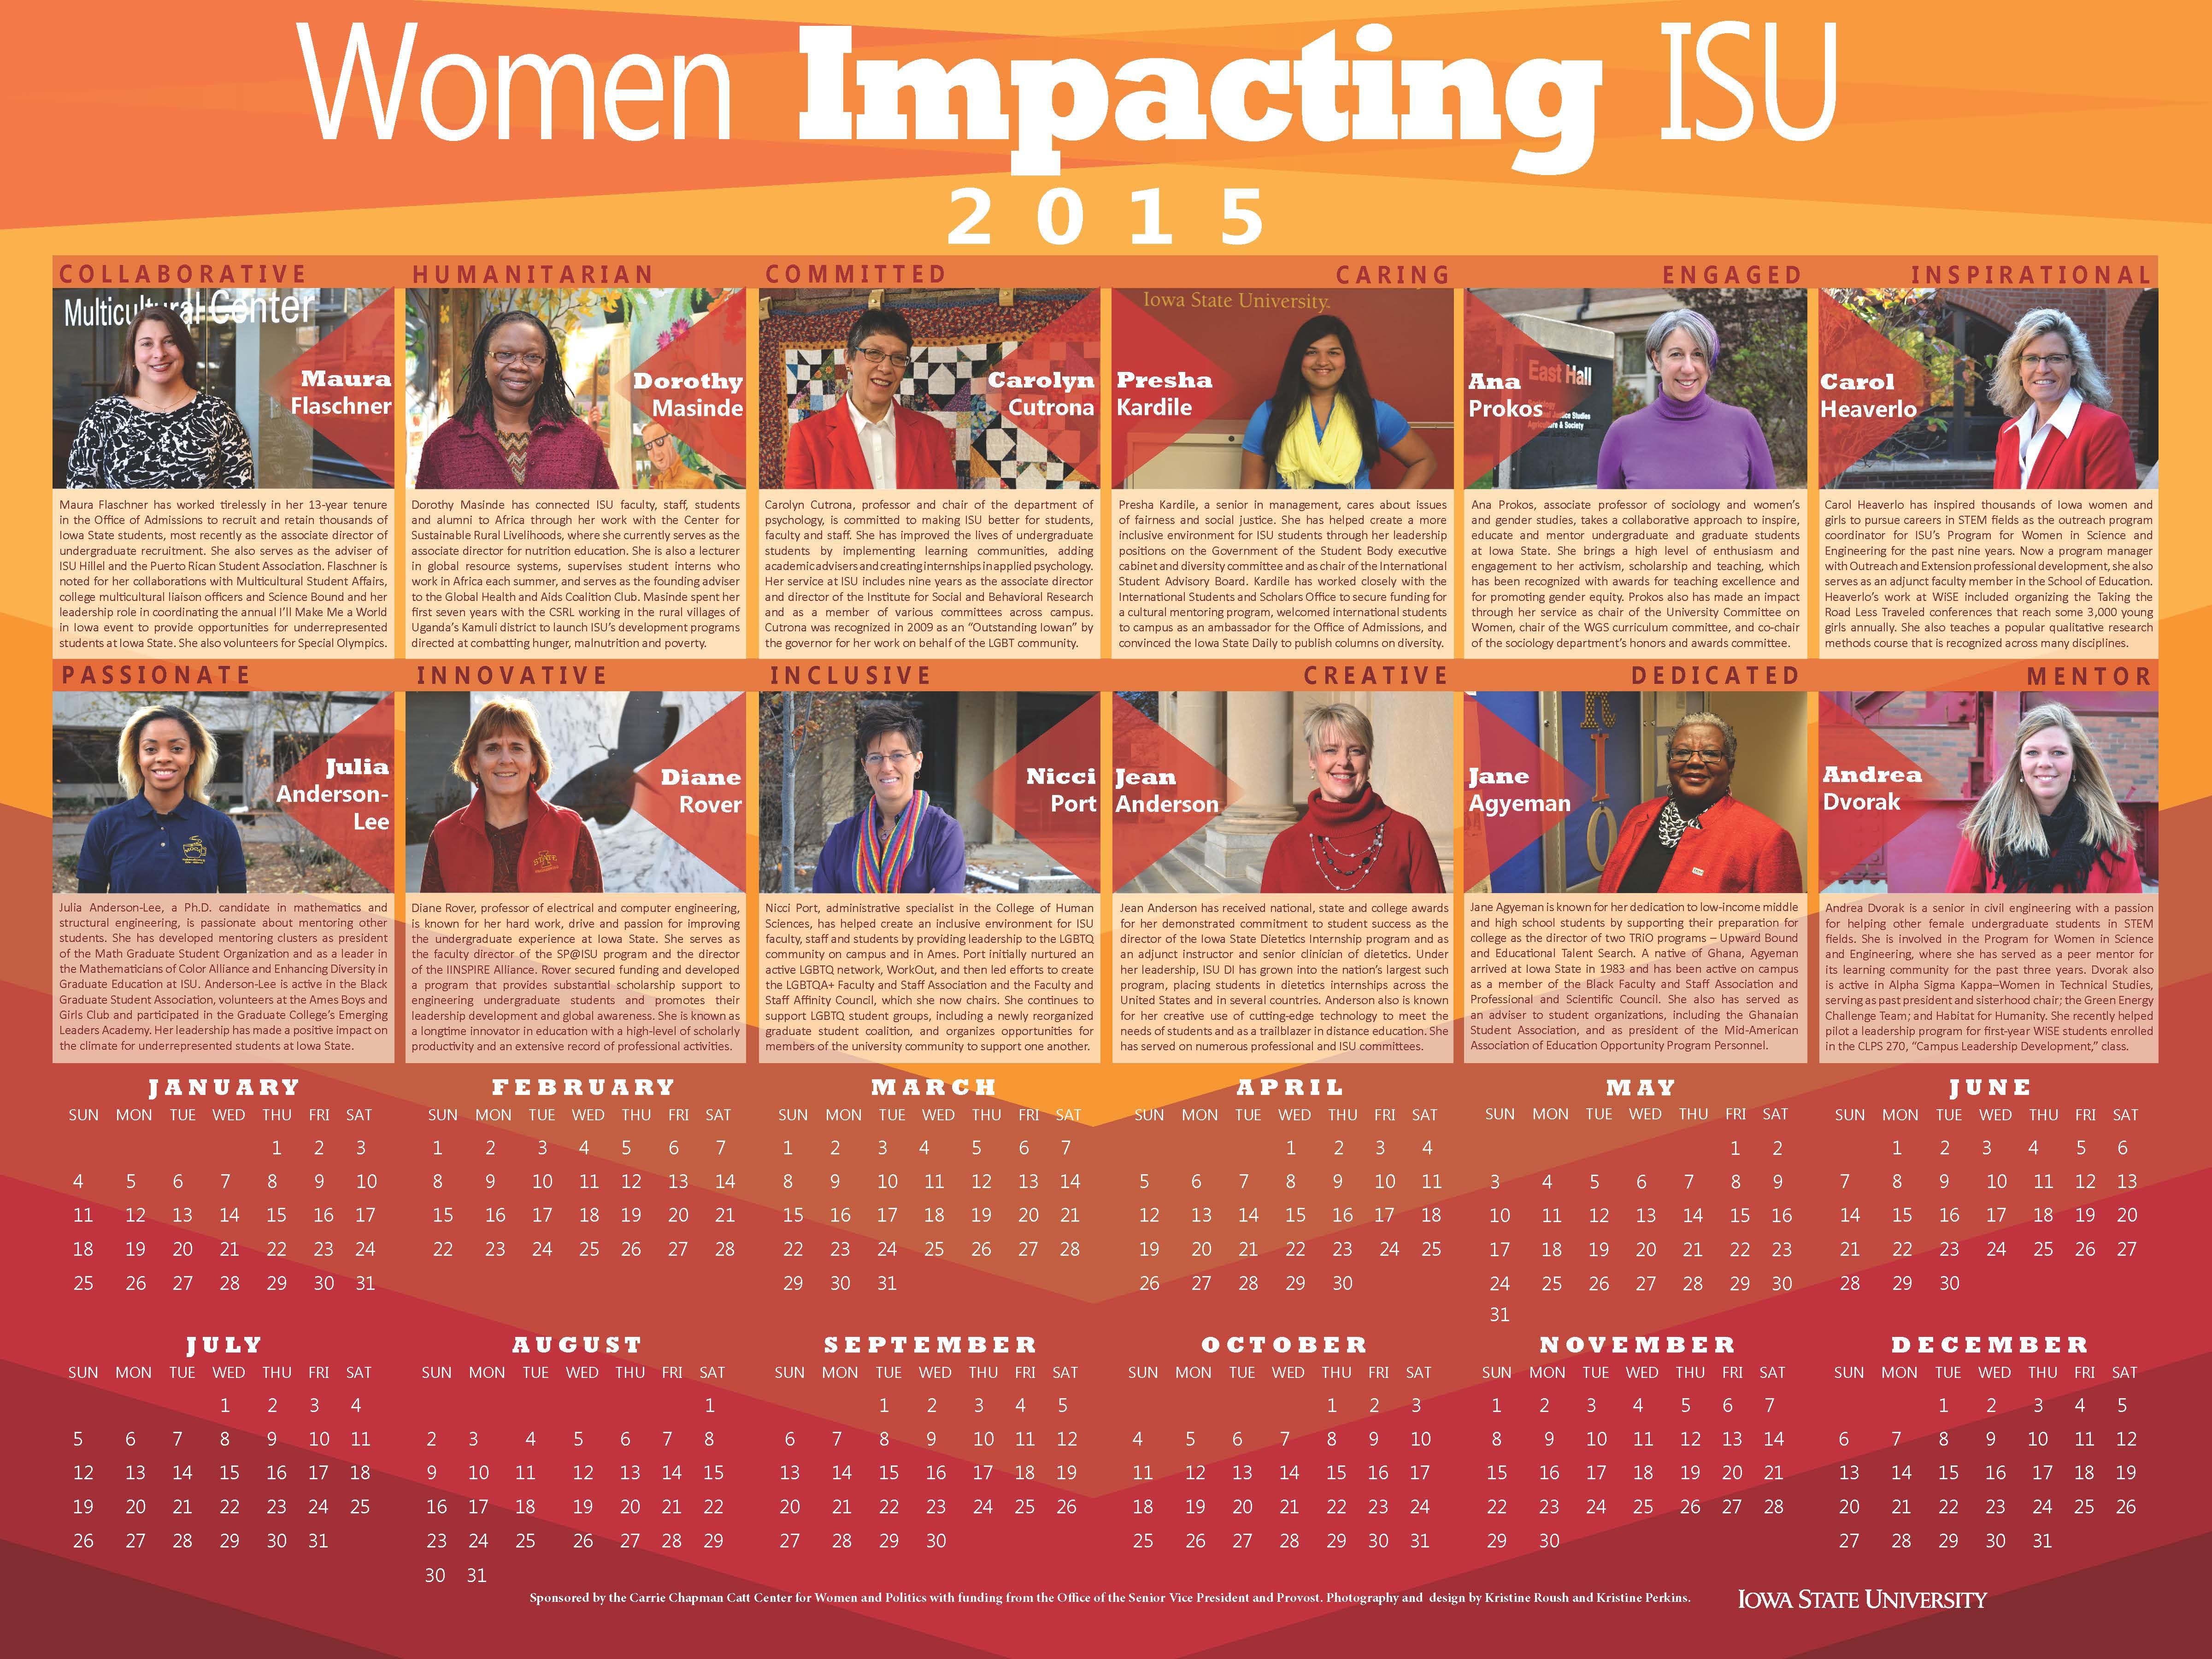 2015 Women Impacting ISU Calendar